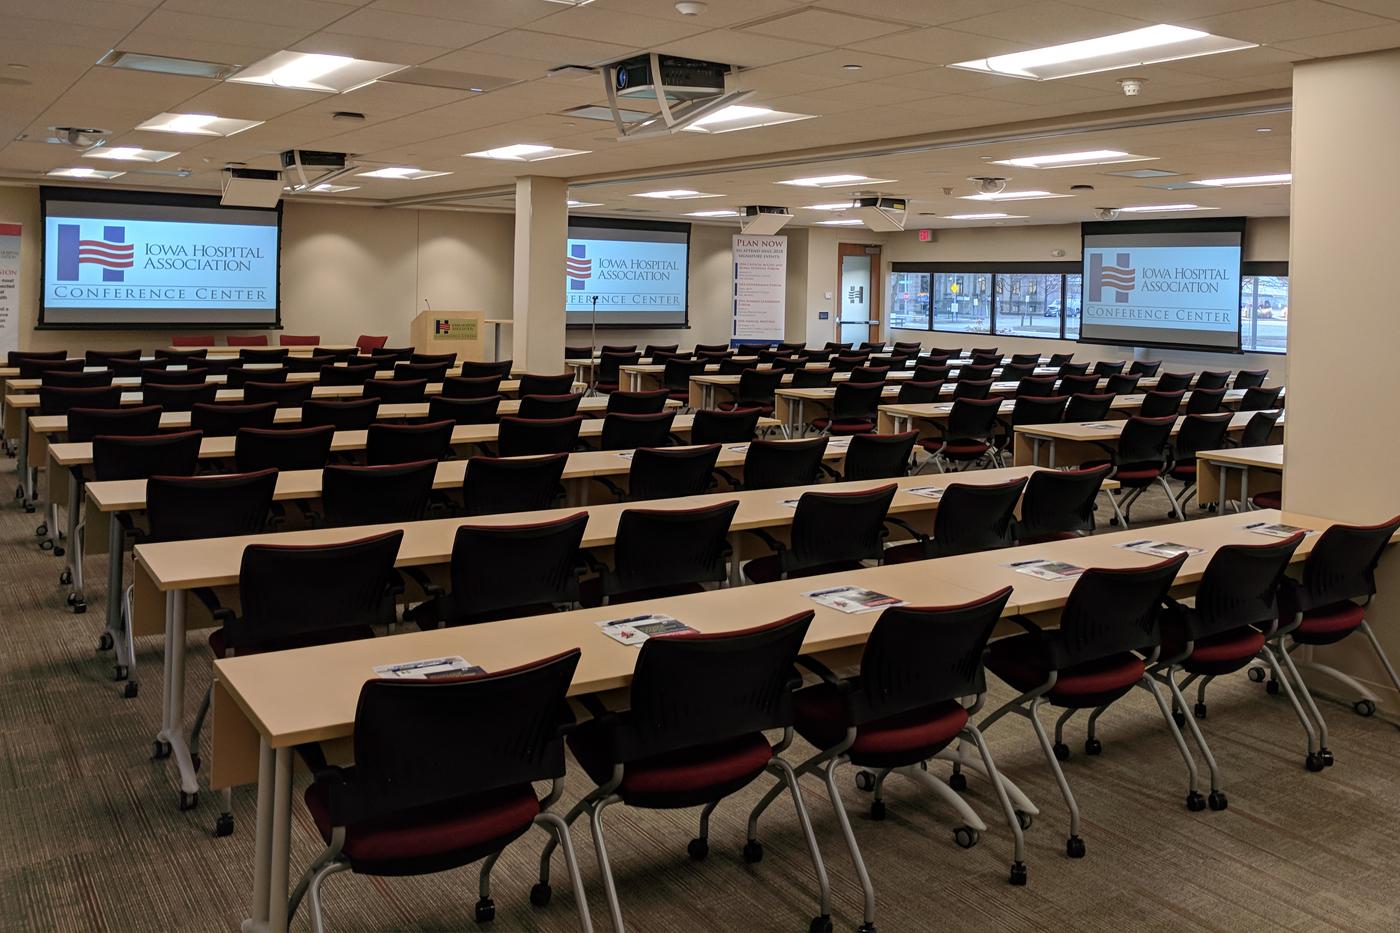 IHA Classroom